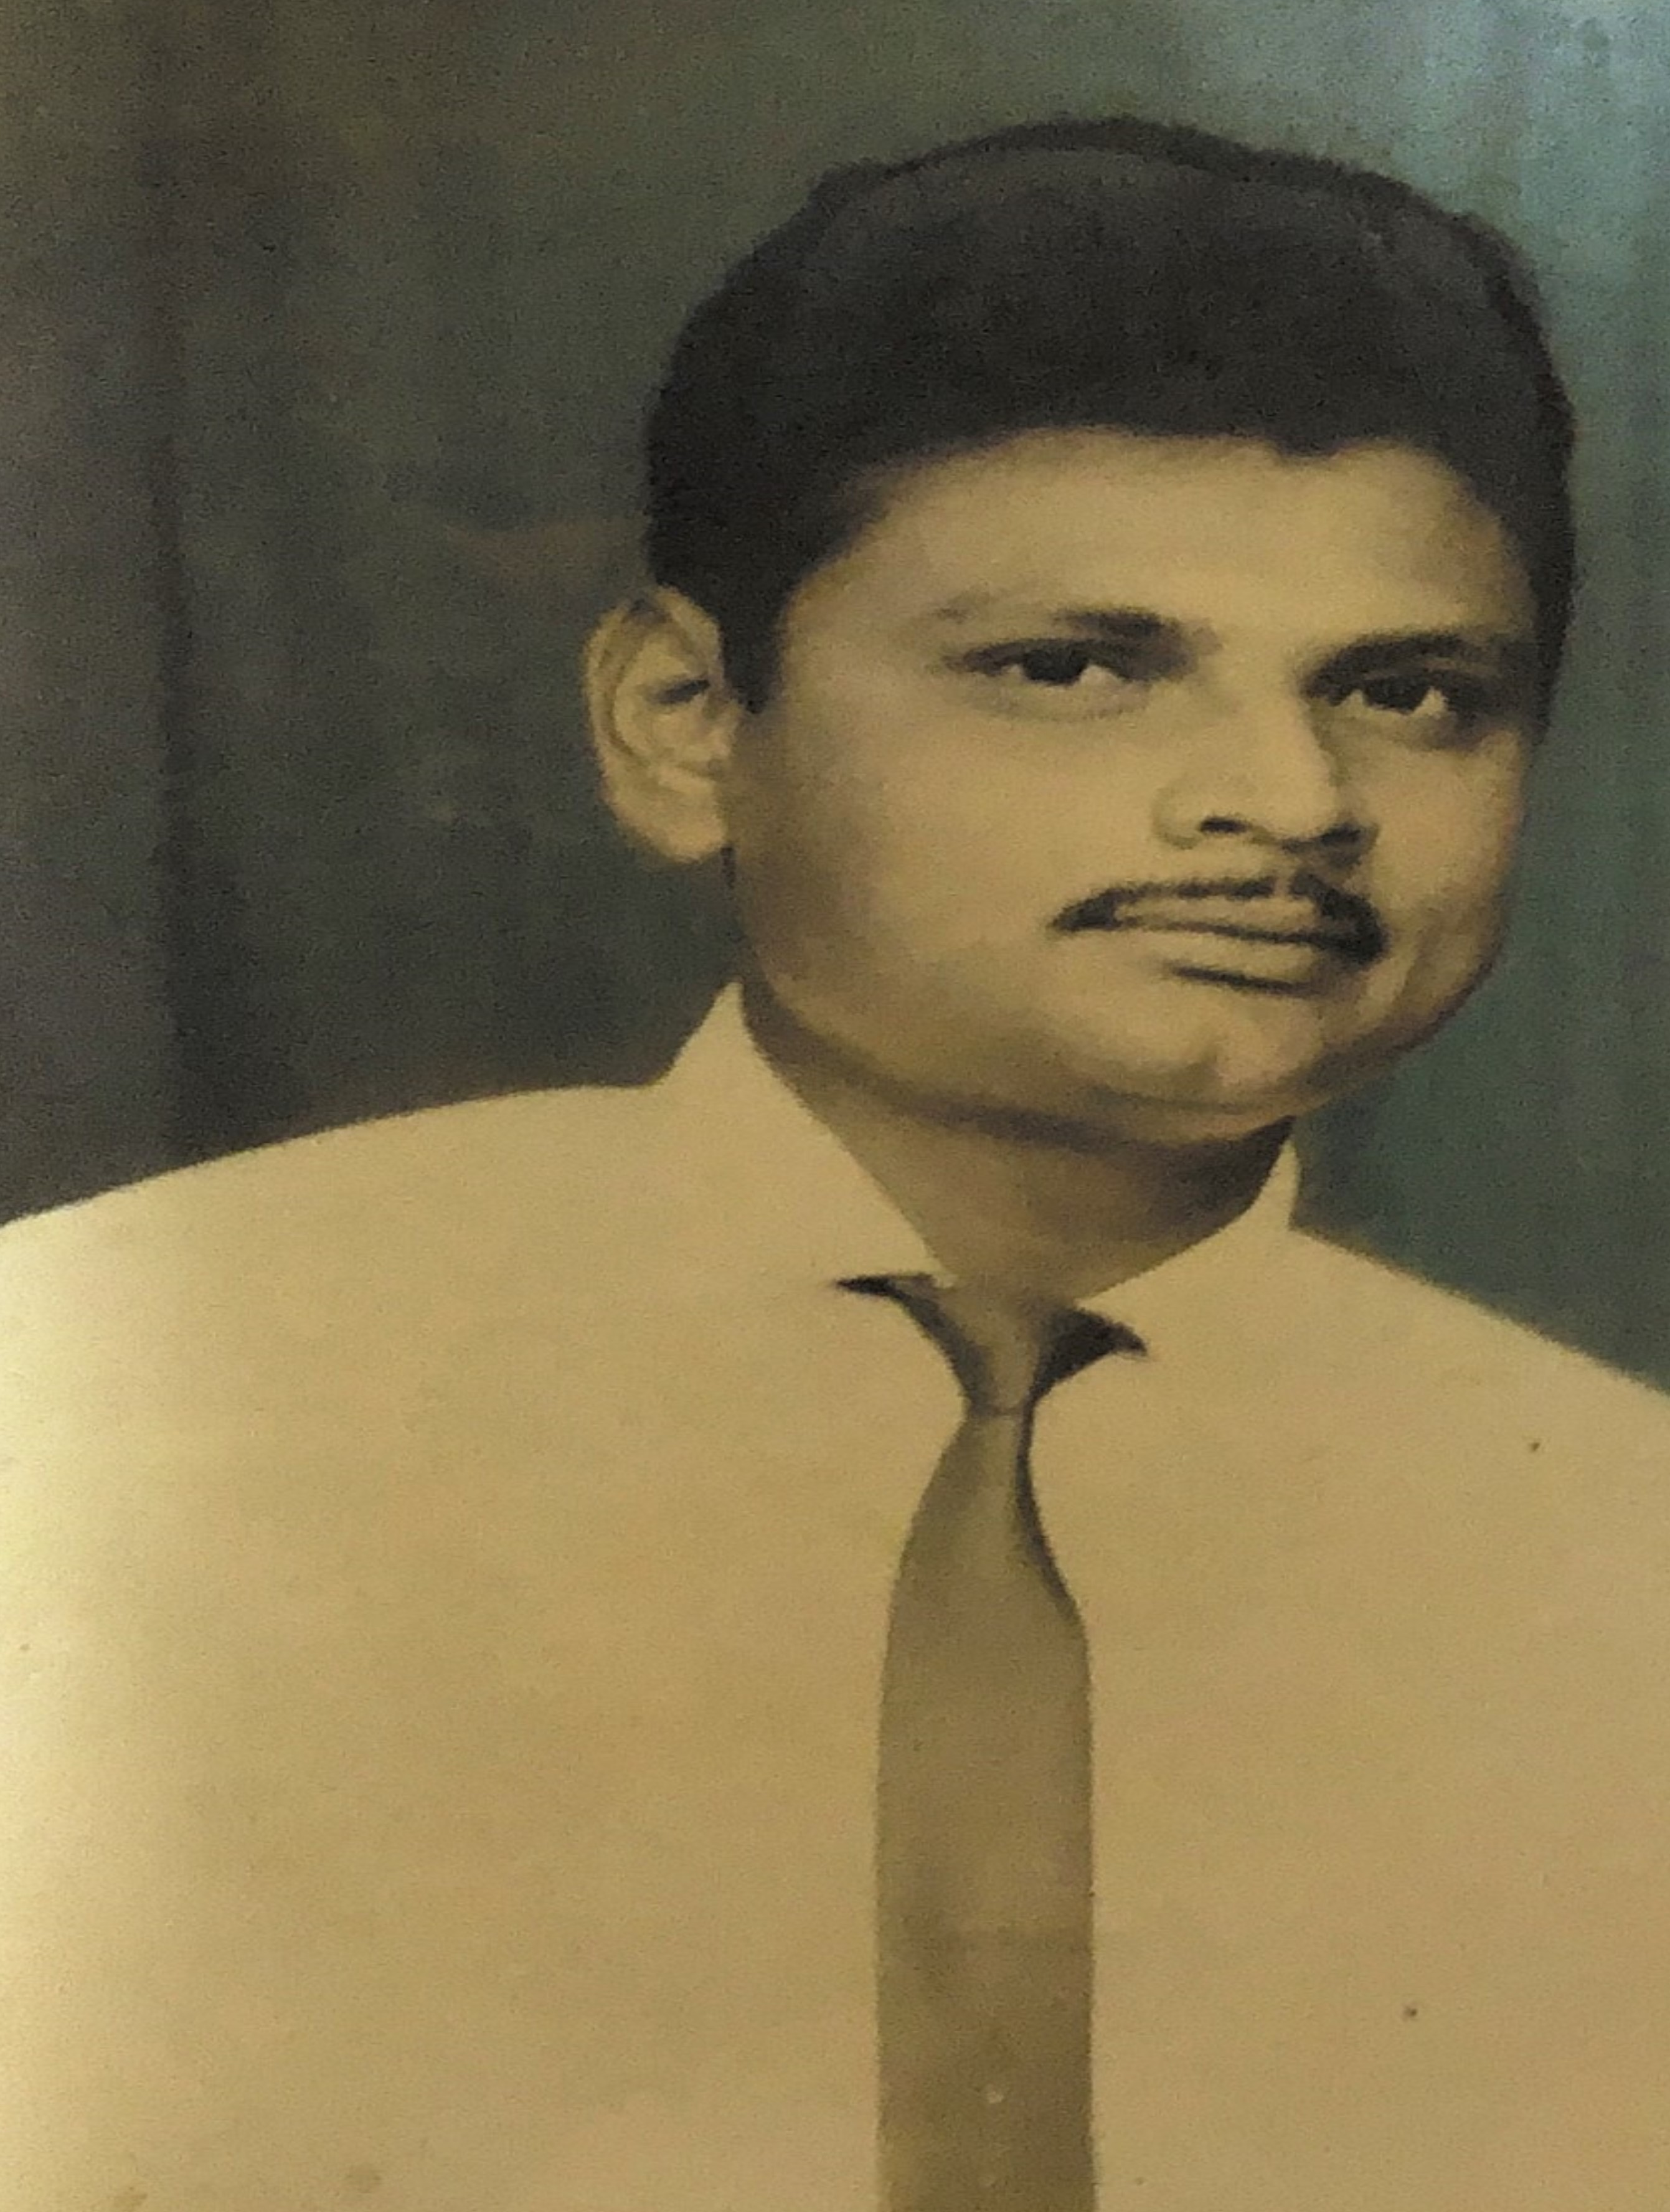 Ved Prakash Singh